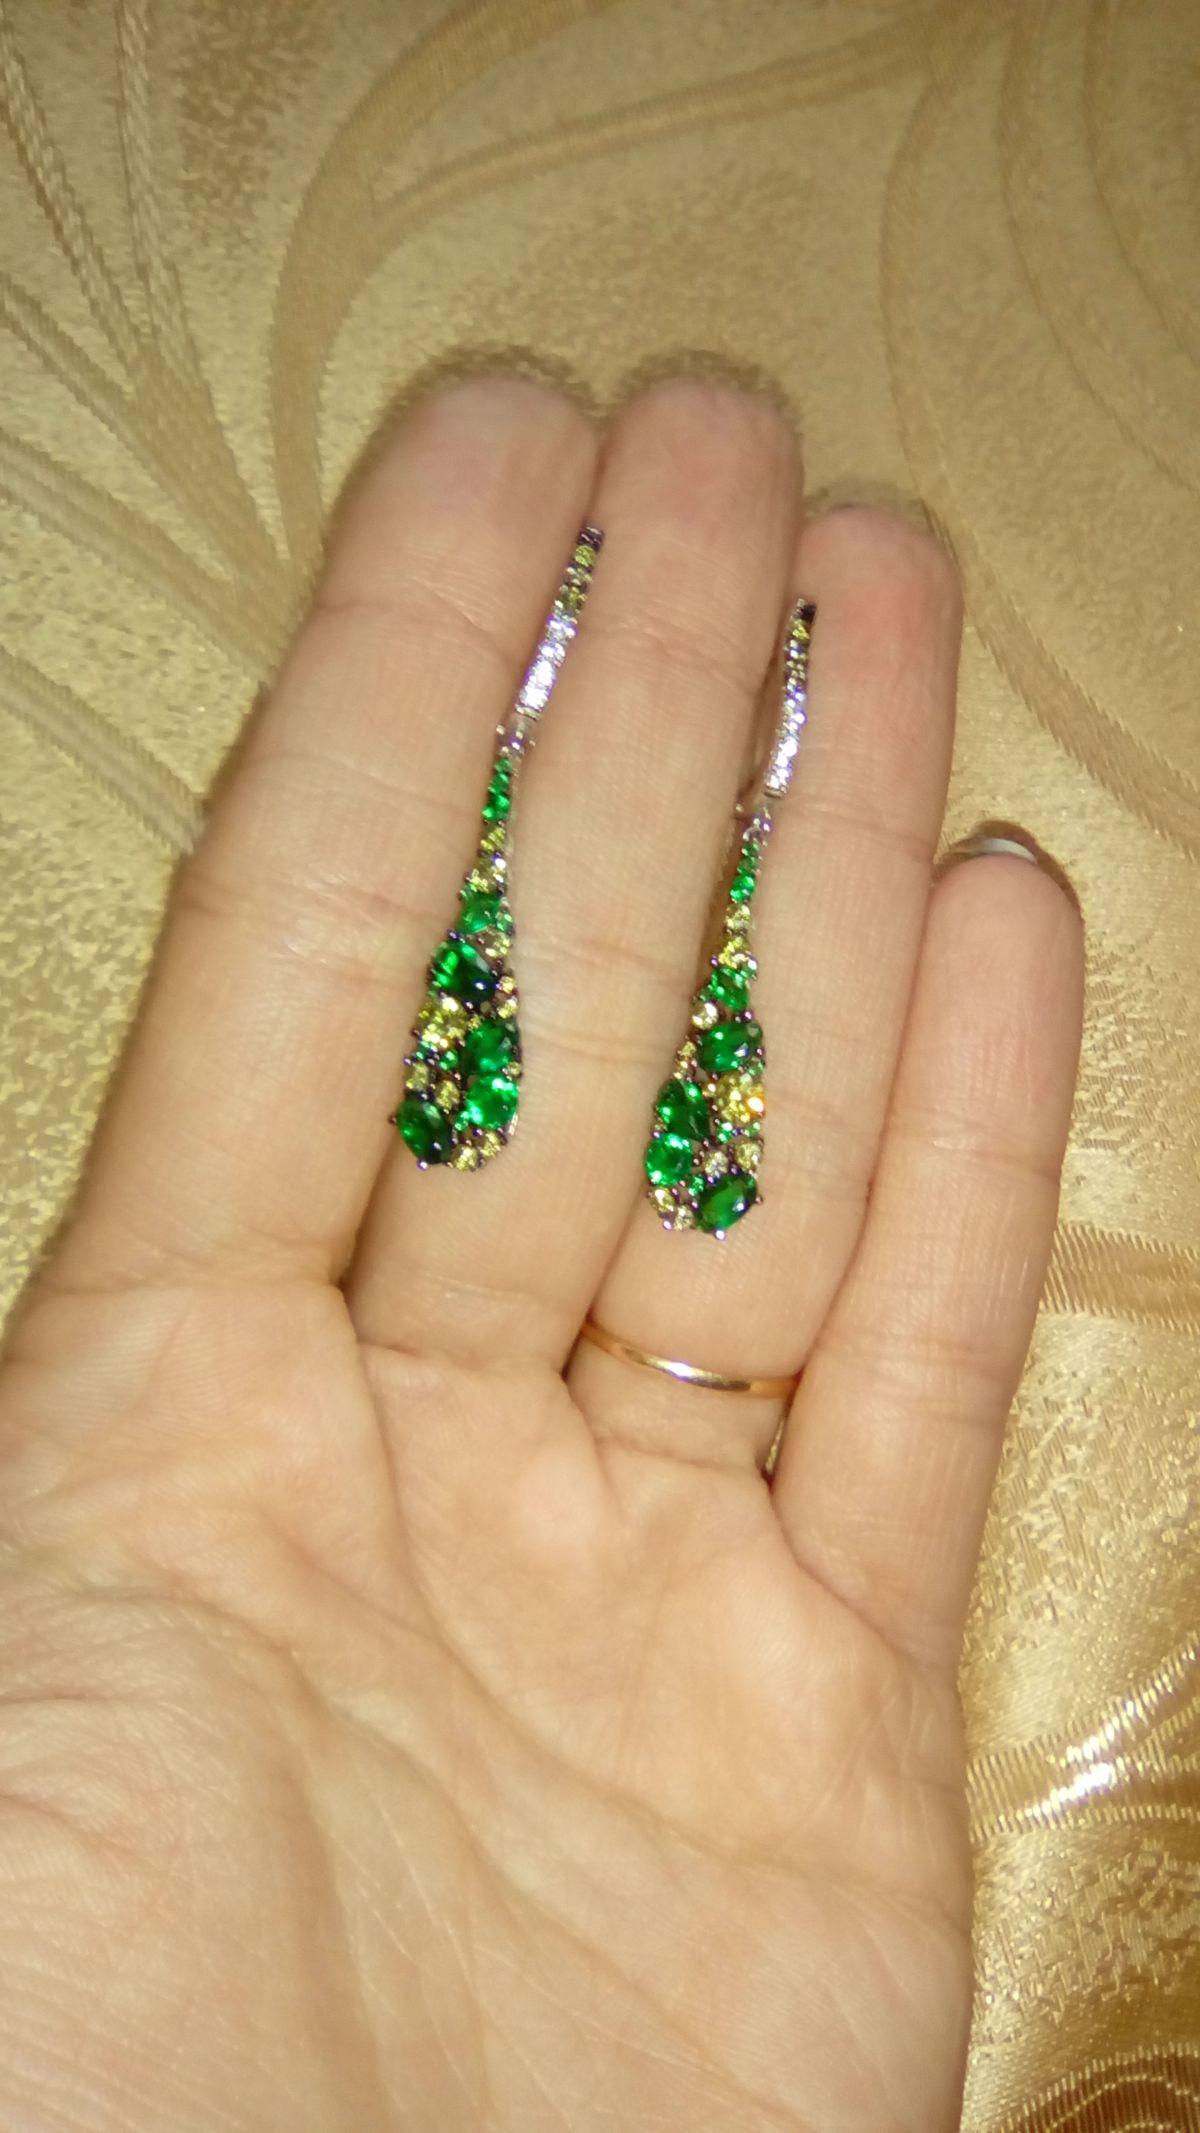 Очень красивые серьги для любителей зелёного цвета!